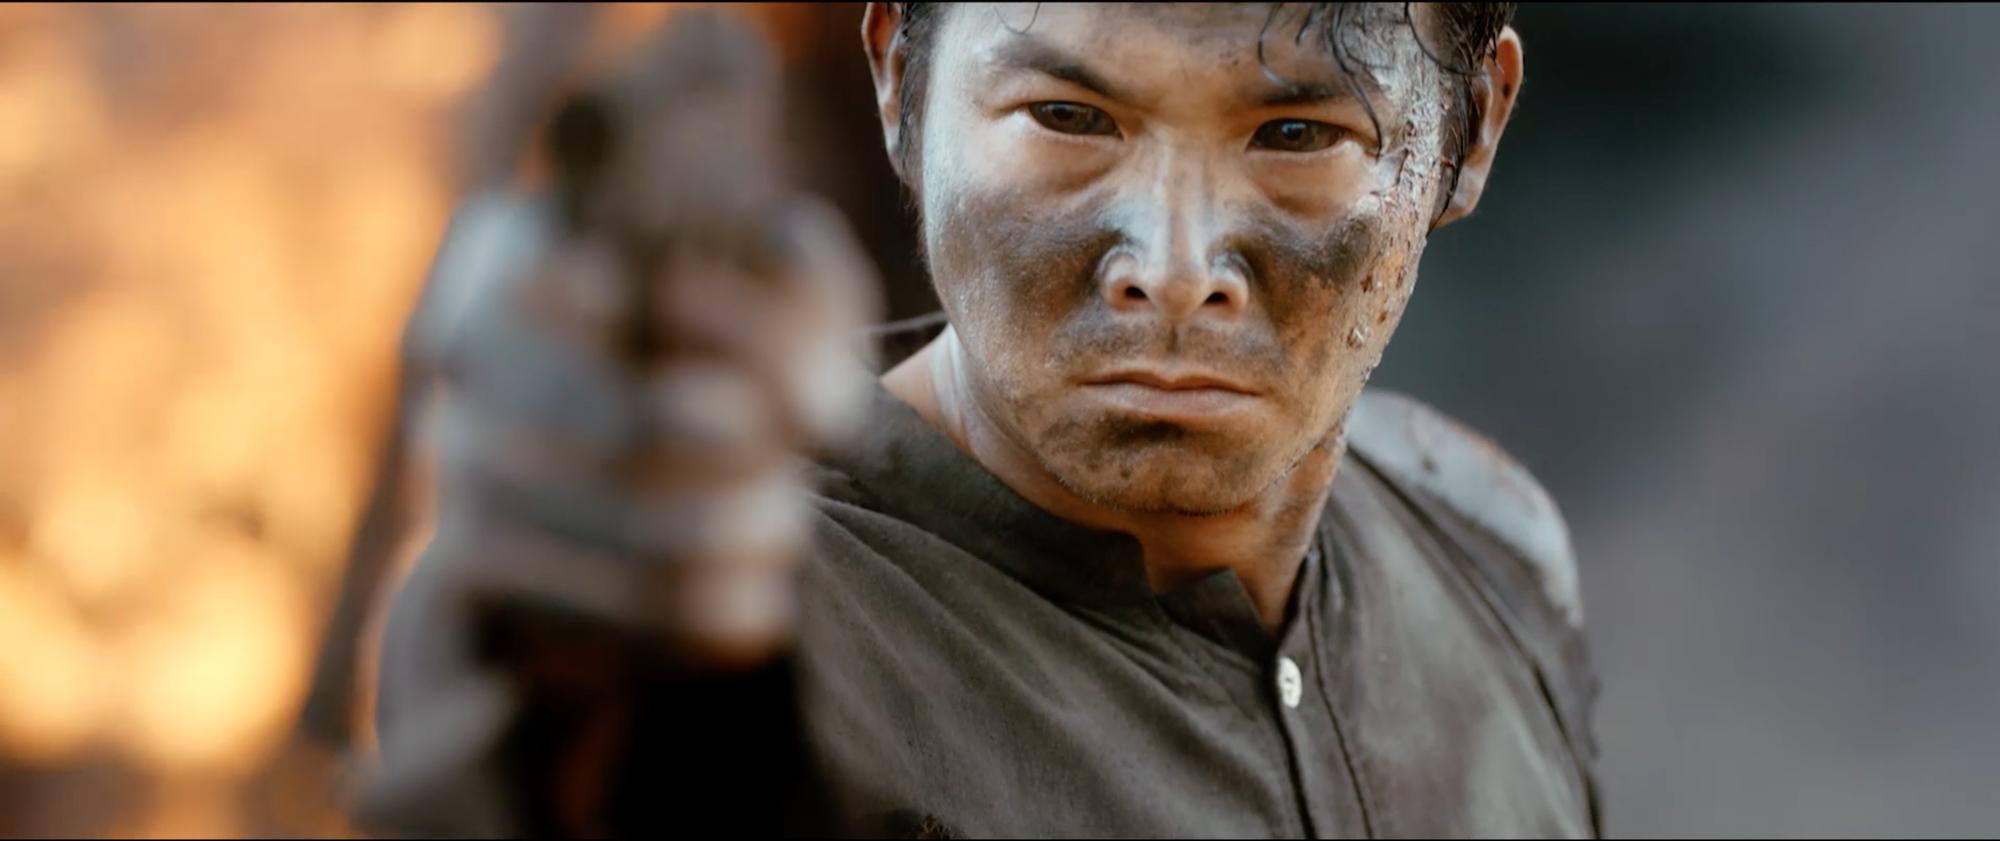 Đâu cần phải xem phim Marvel, màn ảnh Việt cũng có hẳn cả CLB dị nhân siêu sức mạnh đây này! - Ảnh 9.